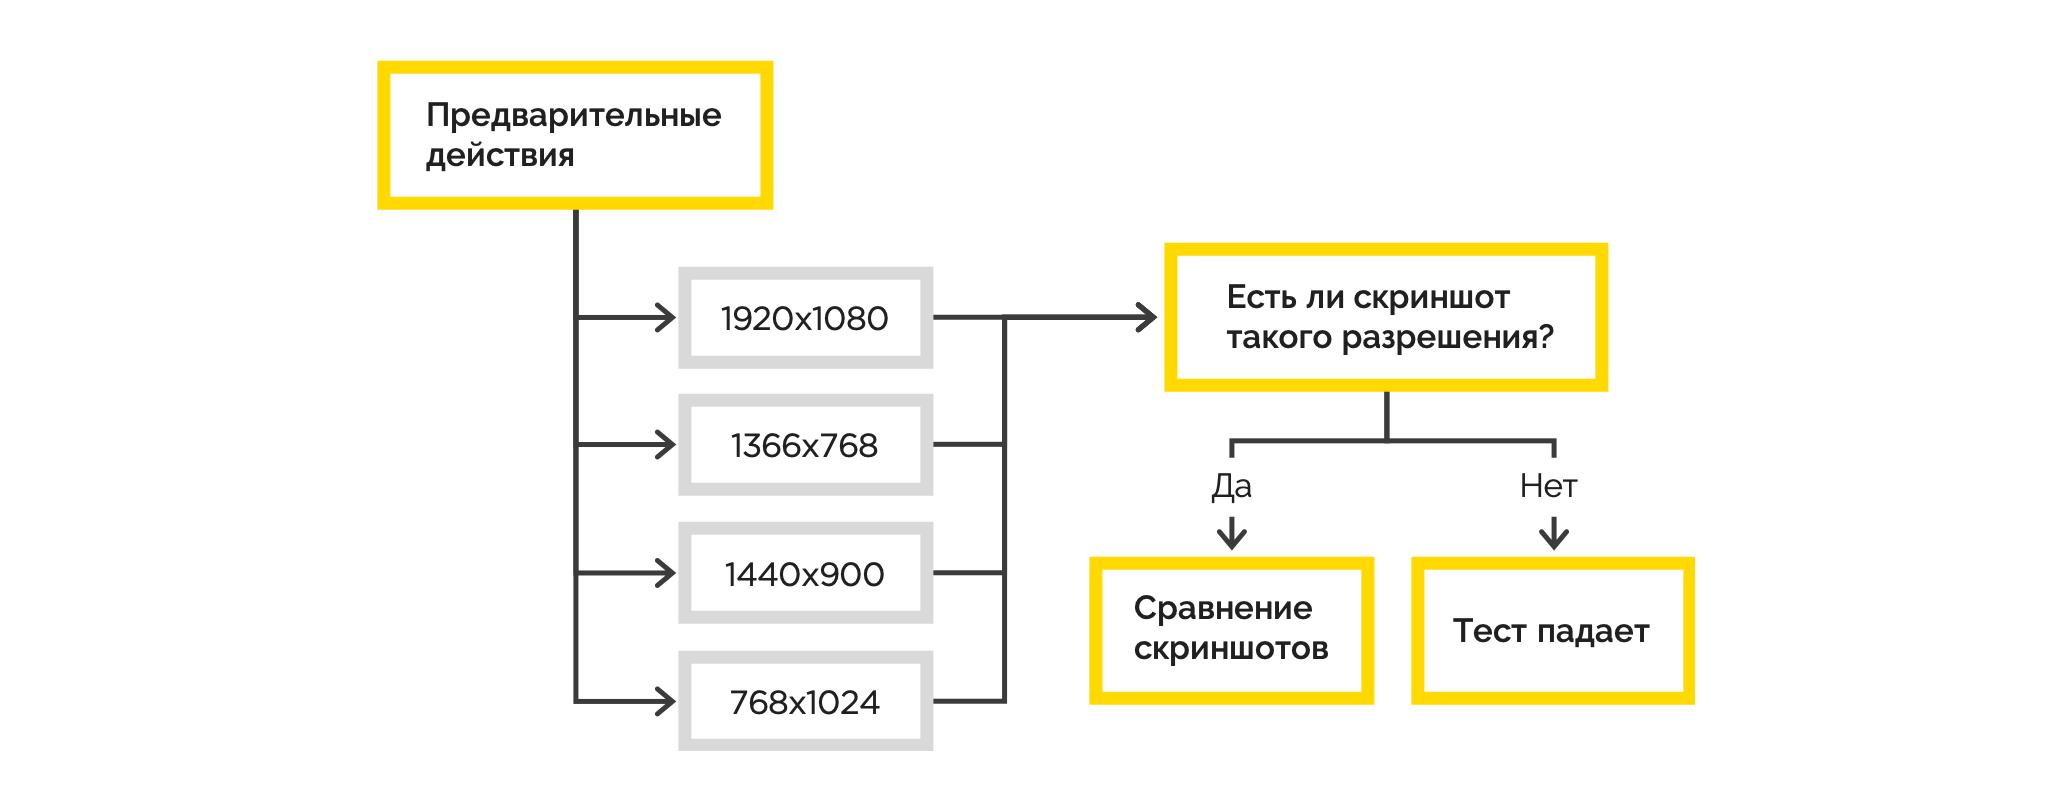 UI-тестирование: проверка системы на разных разрешениях - 9